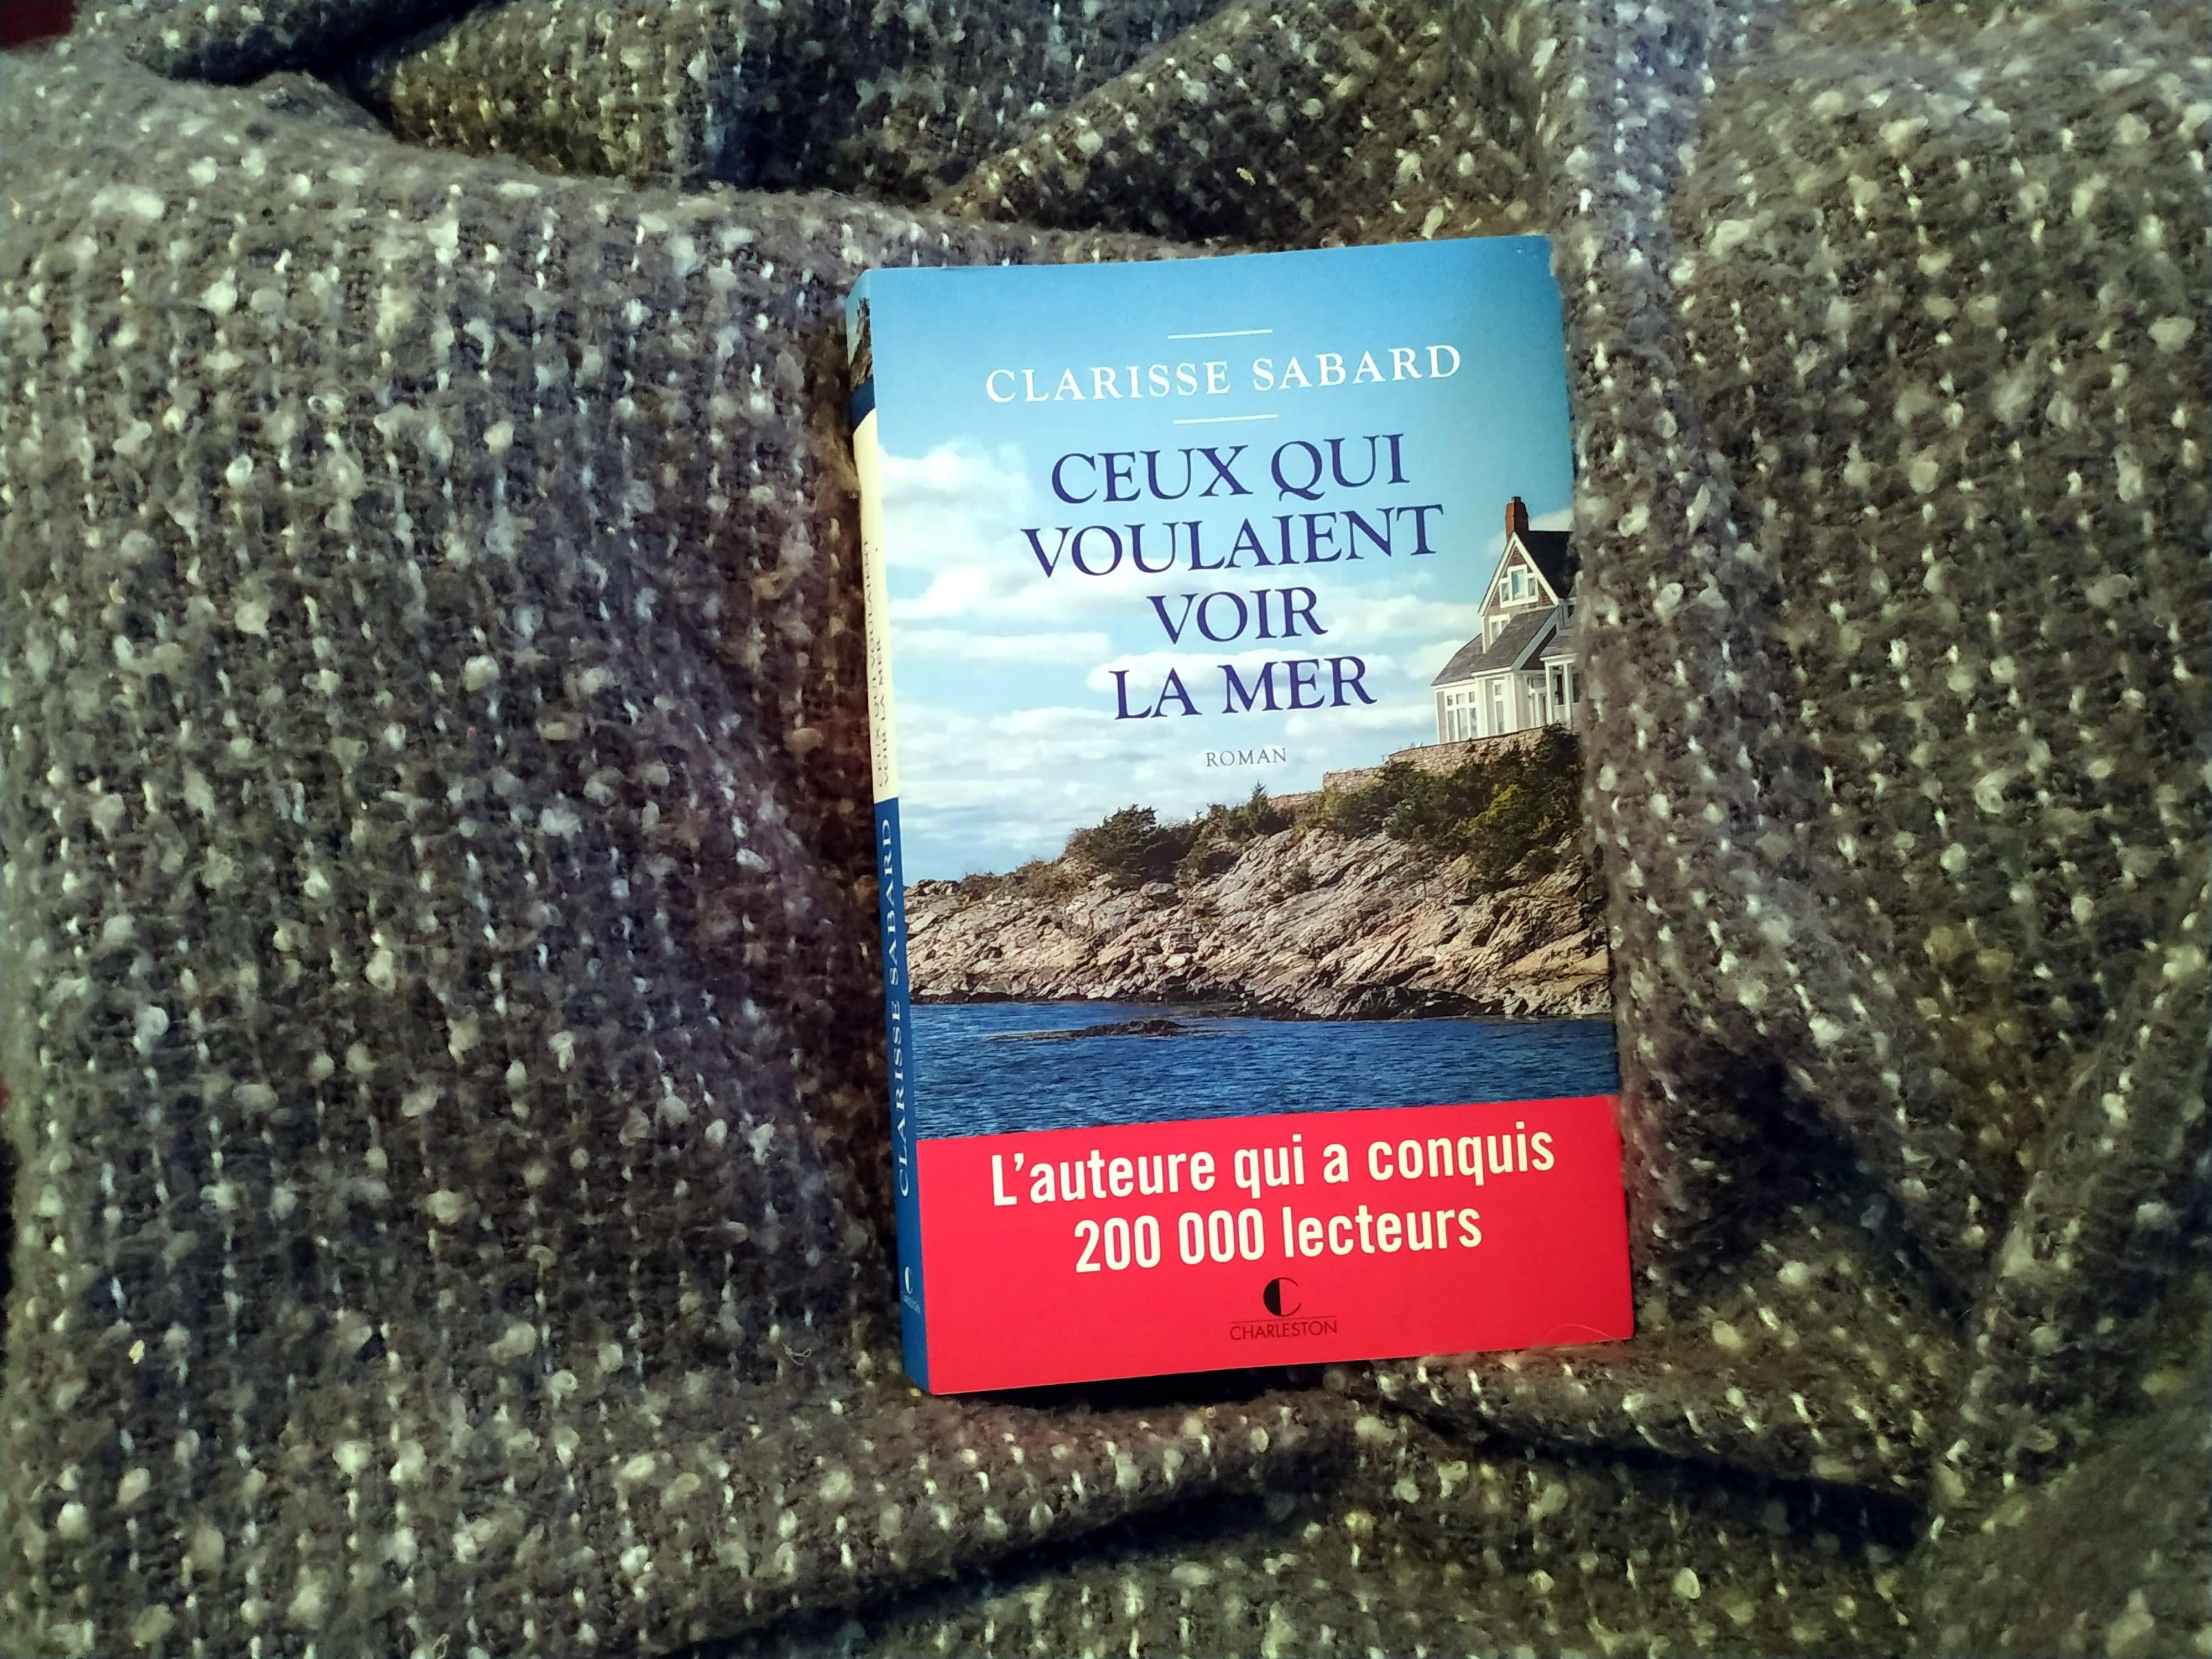 Chronique du roman Ceux qui voulaient voir la mer